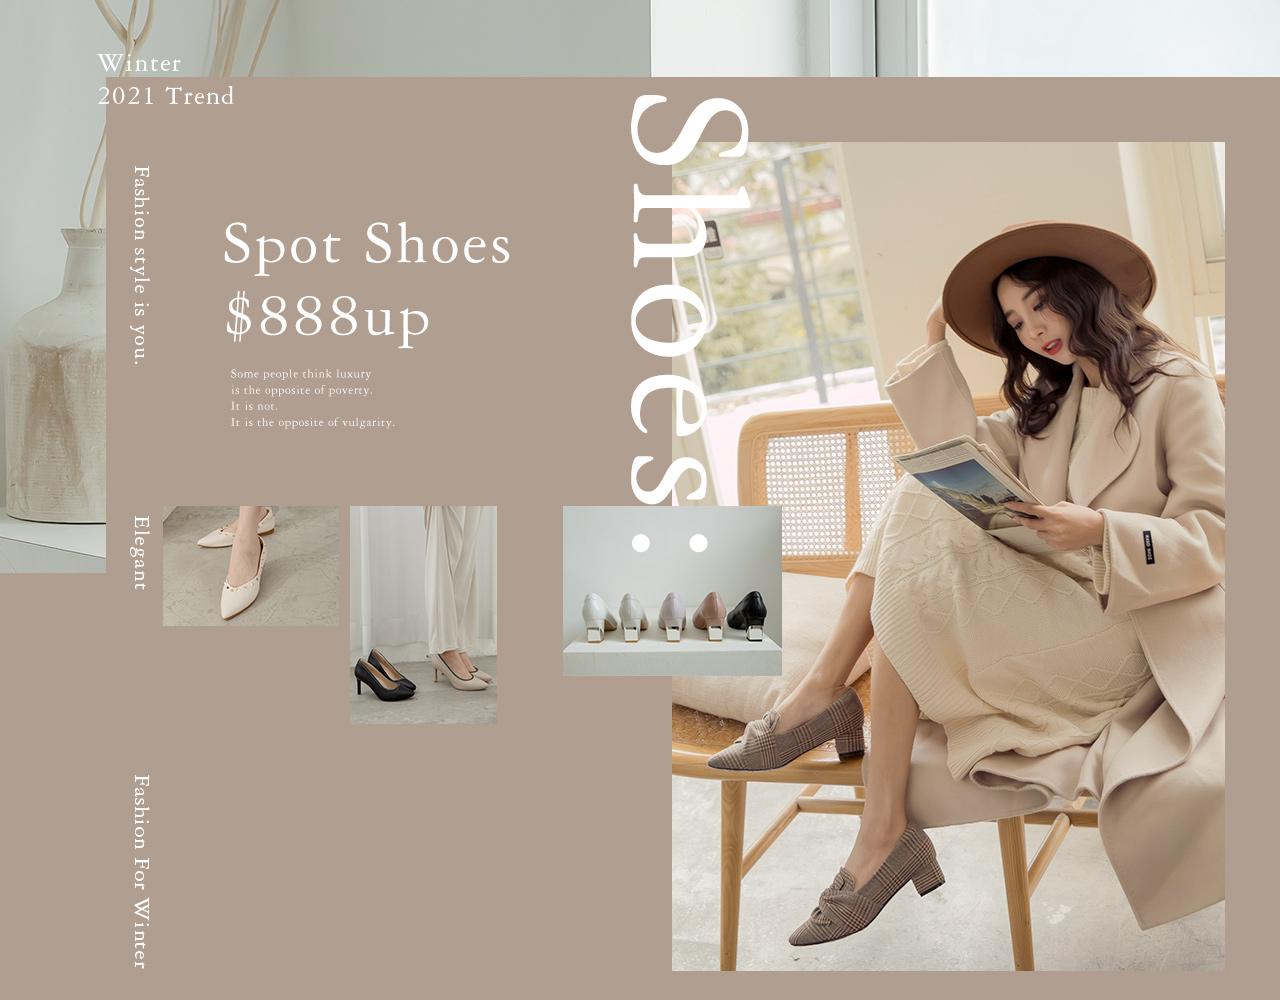 包鞋$888-1